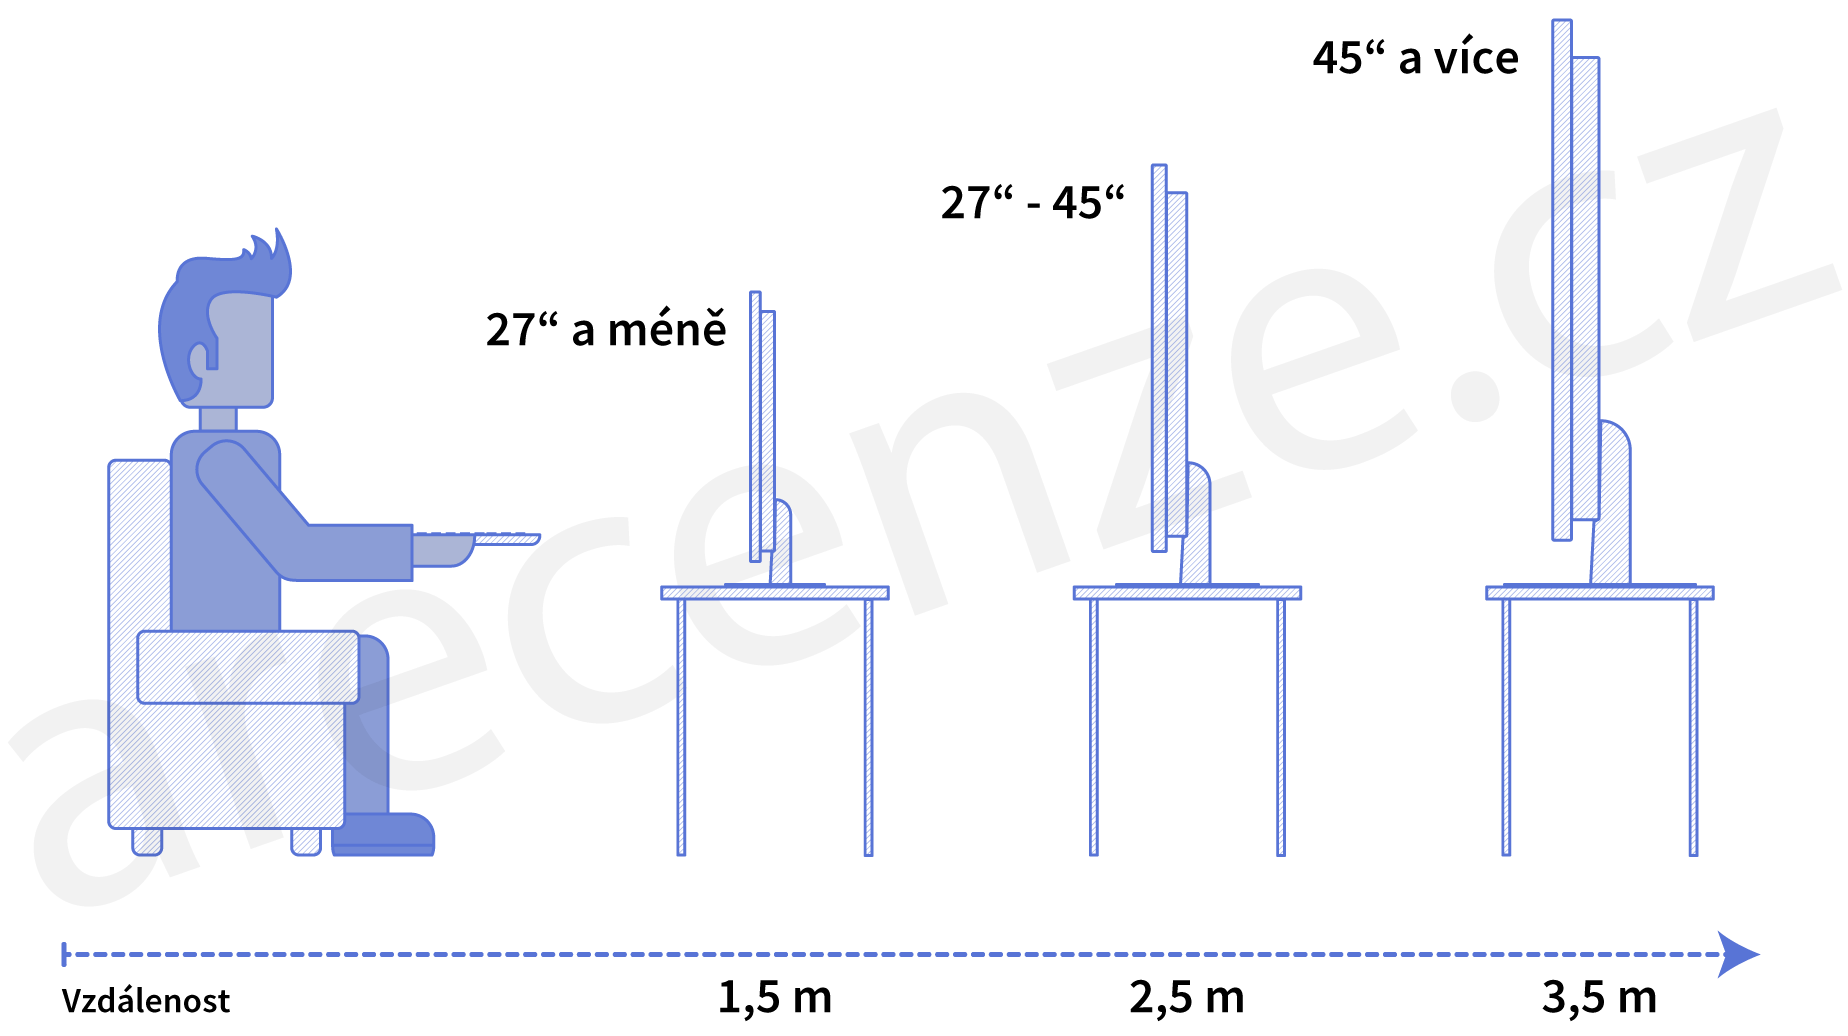 1bdc3e920 Jak vybrat televizi | Test nejlepších TV 2019 & Recenze | ARecenze.cz